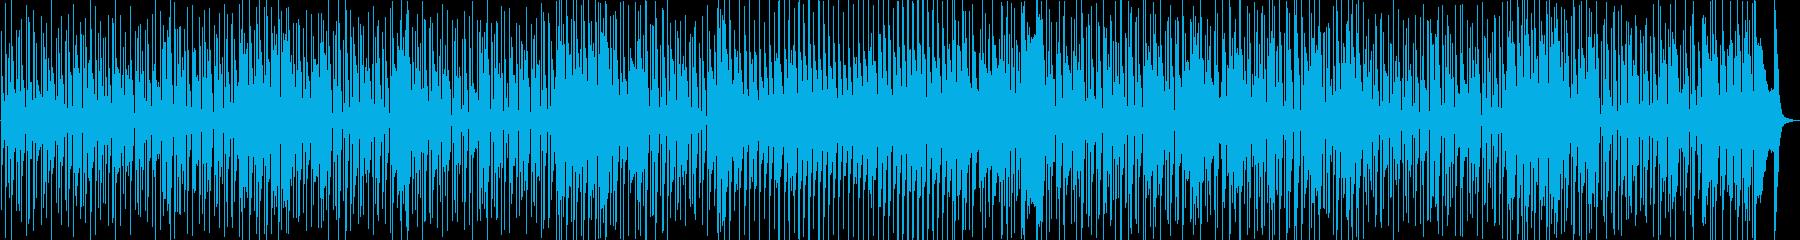 70年代風のレトロファンキーチューン-1の再生済みの波形